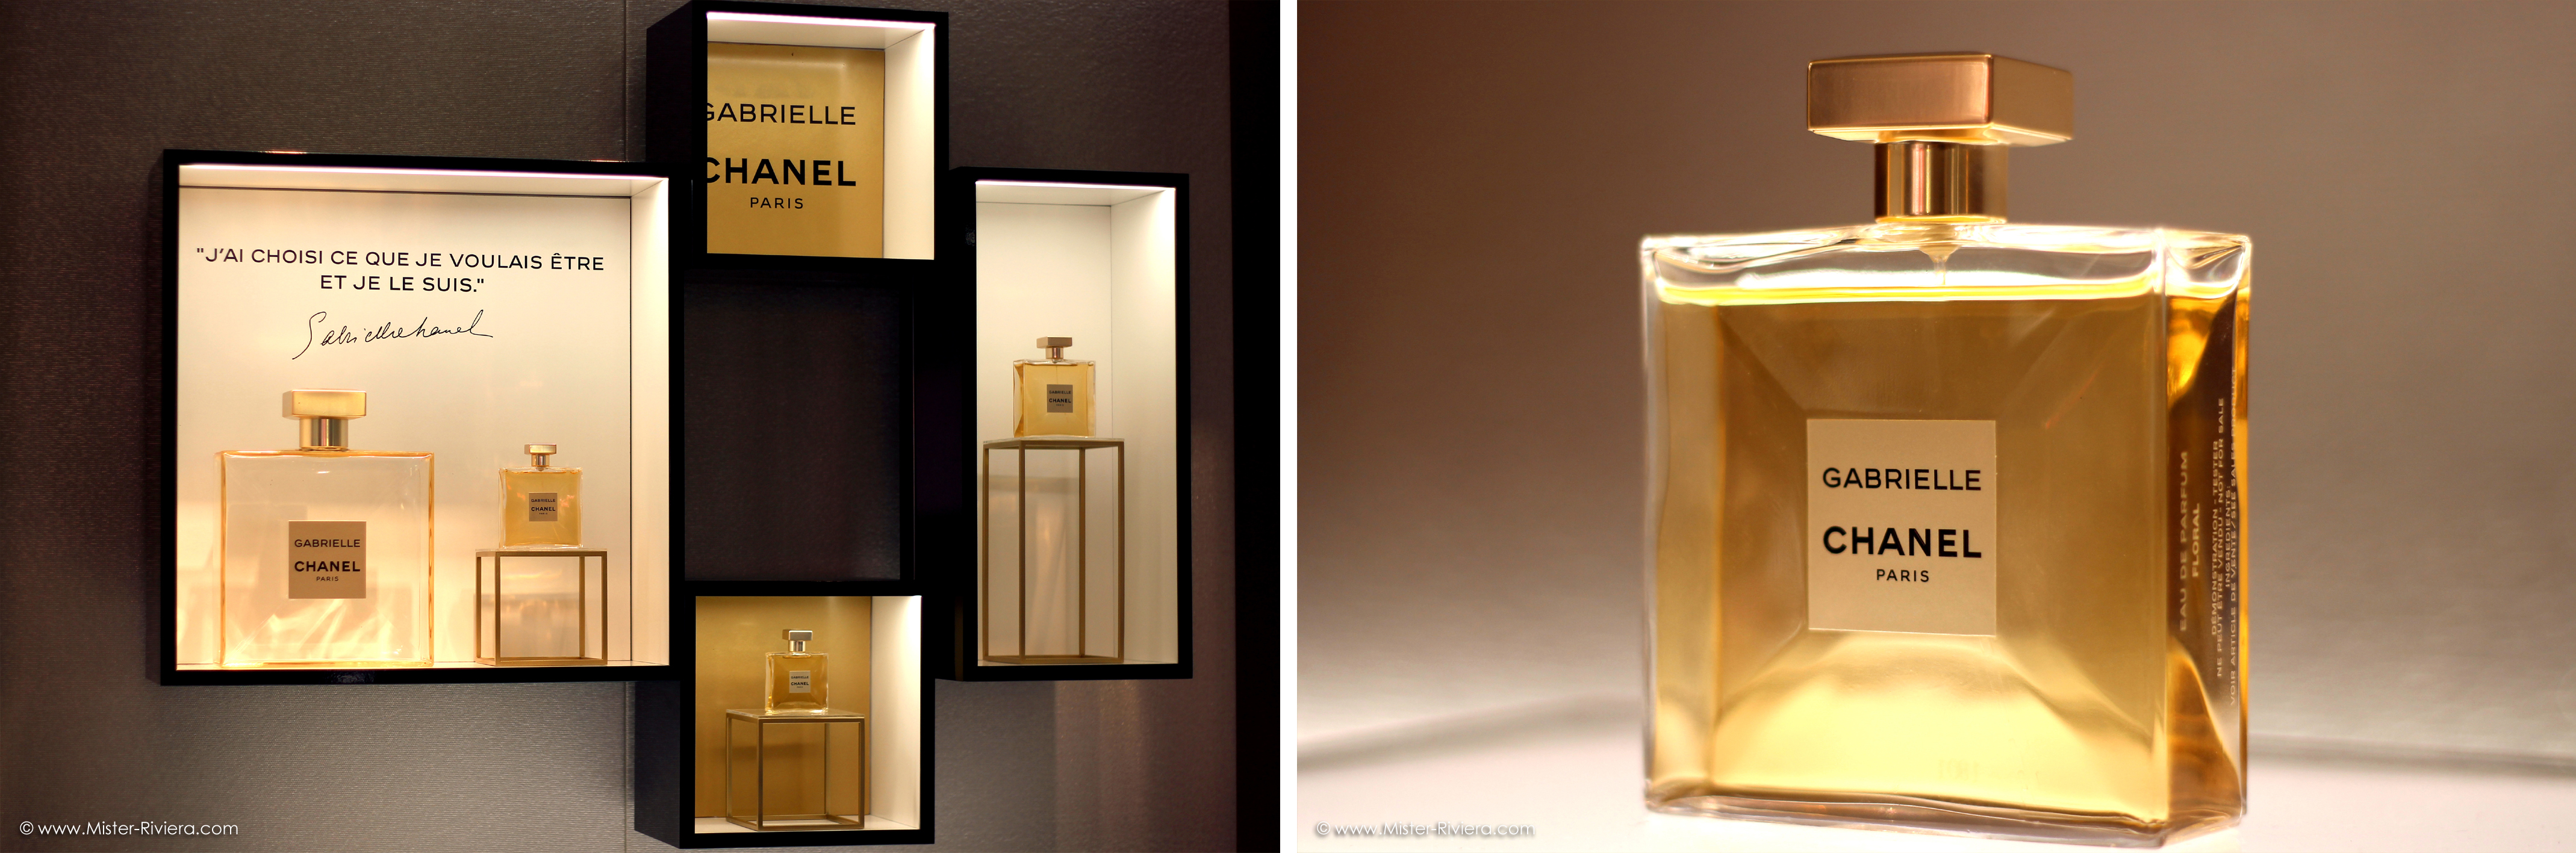 chanel inaugure son nouveau temple du parfum et de la beaut sur la c te d 39 azur. Black Bedroom Furniture Sets. Home Design Ideas